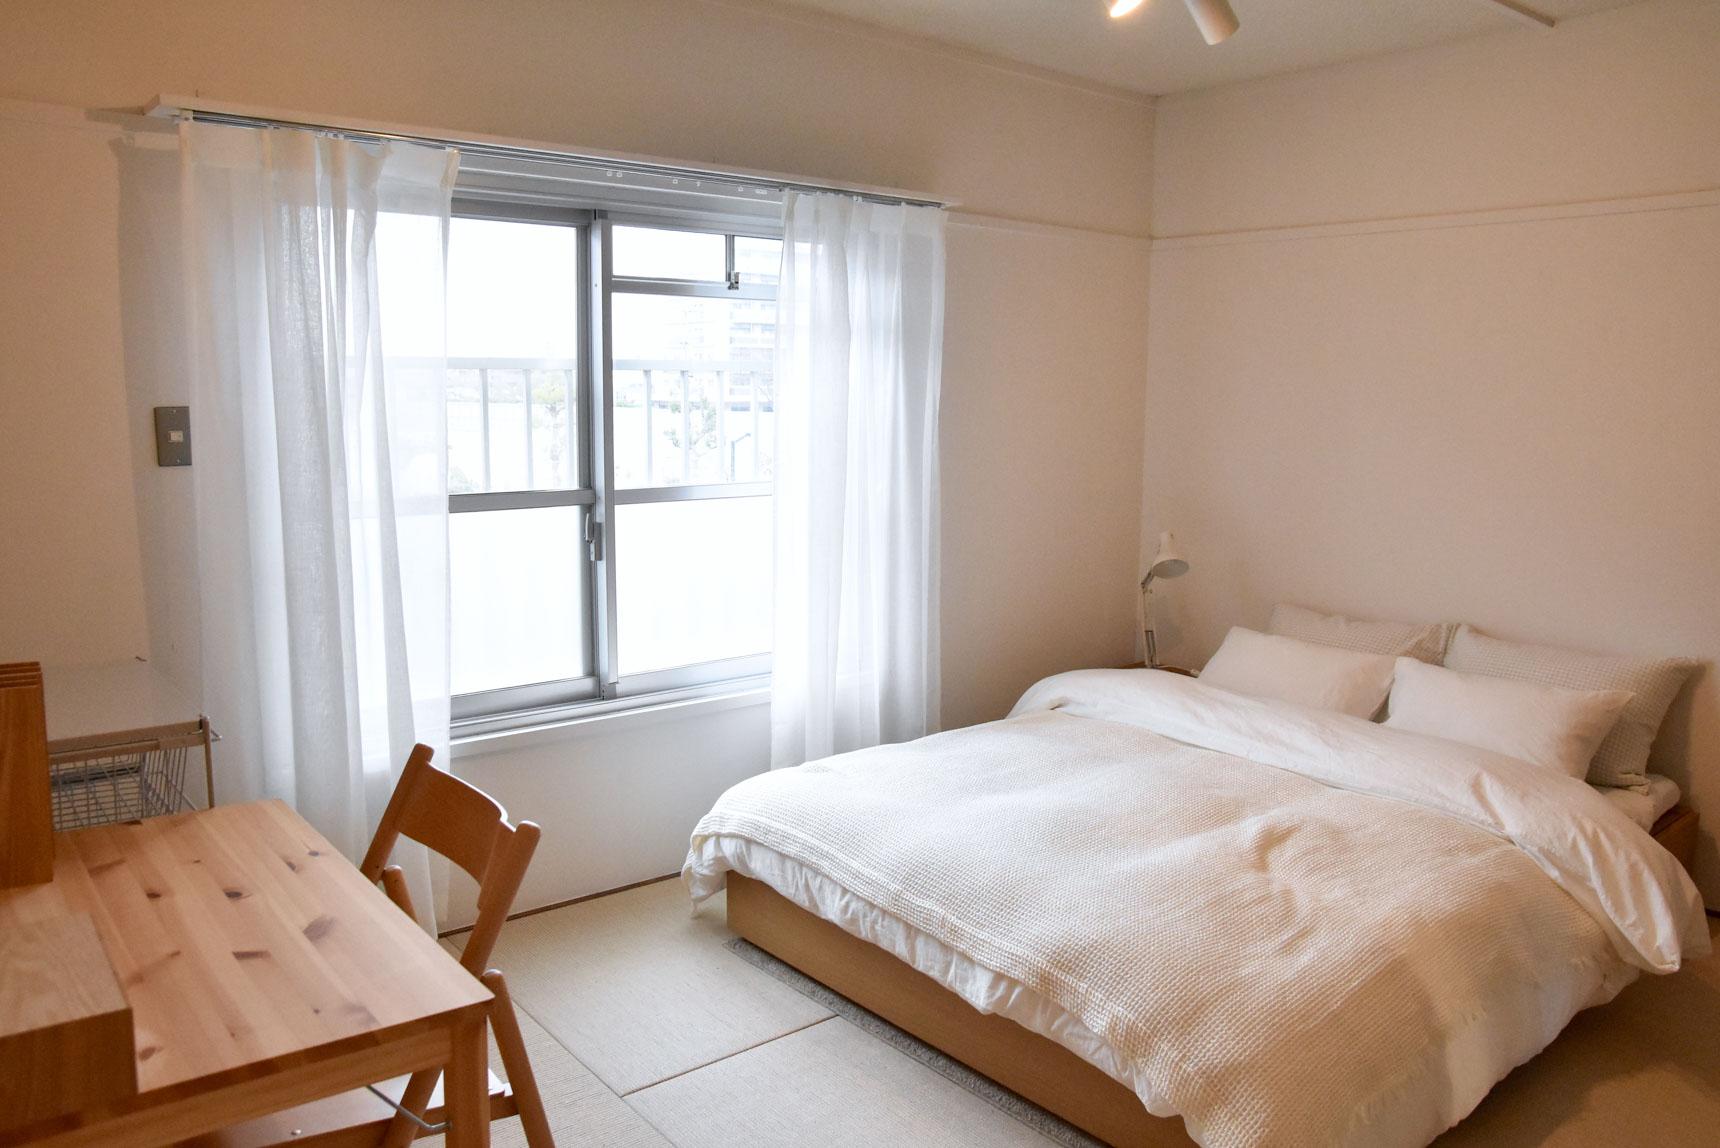 肌触りがよく、かつ丈夫な素材なので、ベッドなど洋風の家具を合わせてもこんな風にしっくりとおさまりますよ。